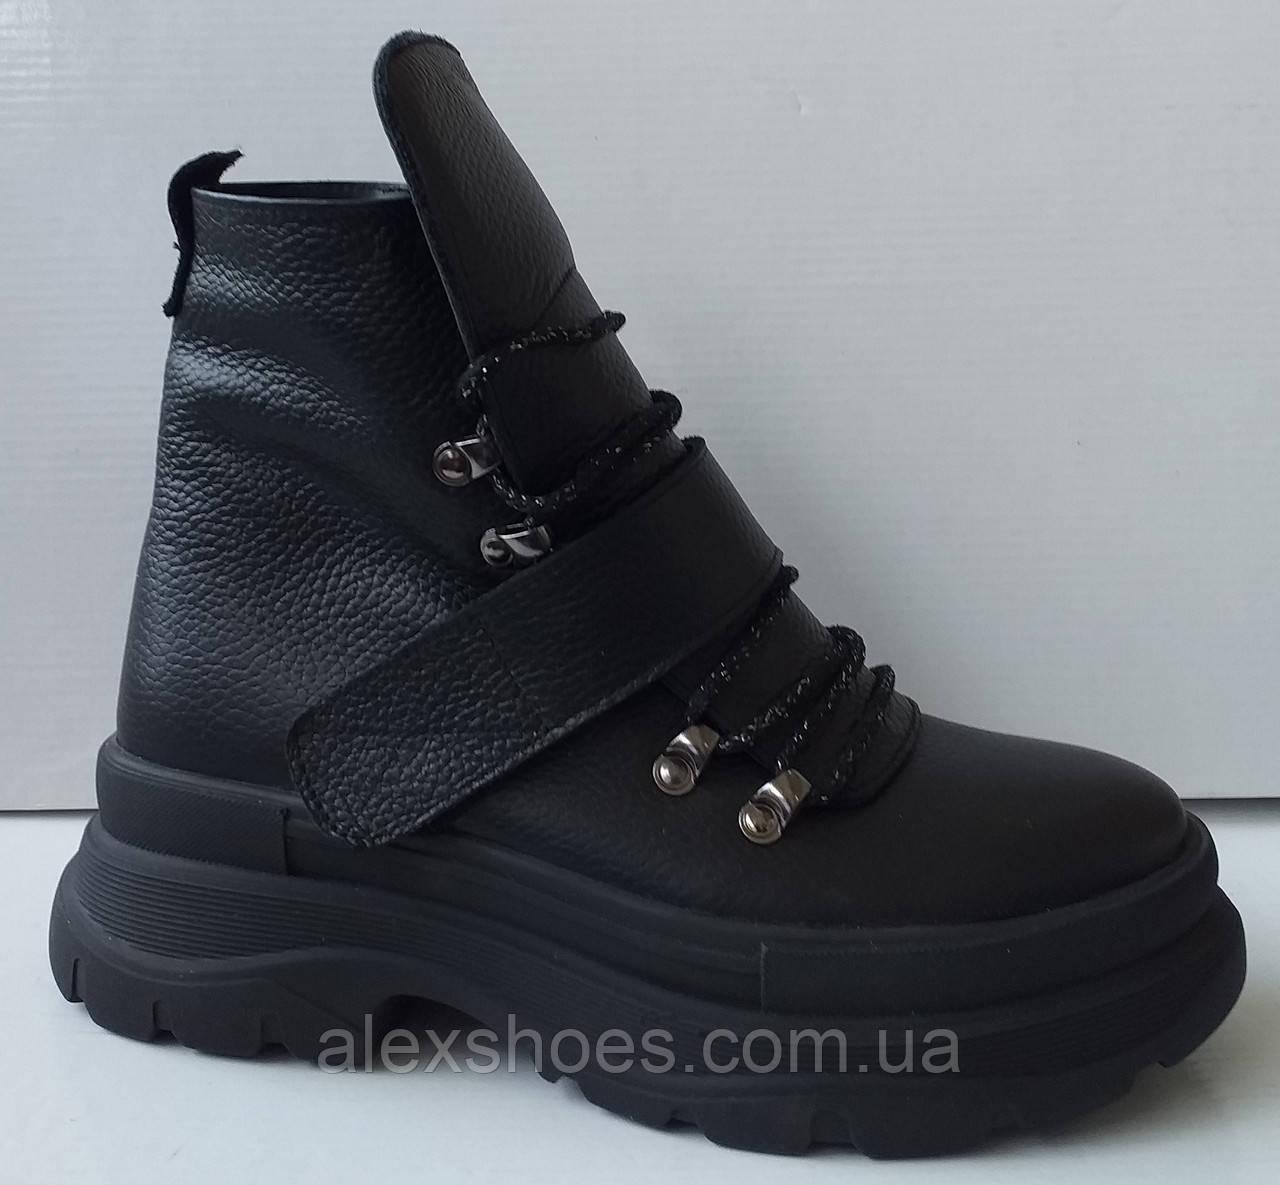 Ботинки молодежные из натуральной кожи от производителя модель ДИС721-2